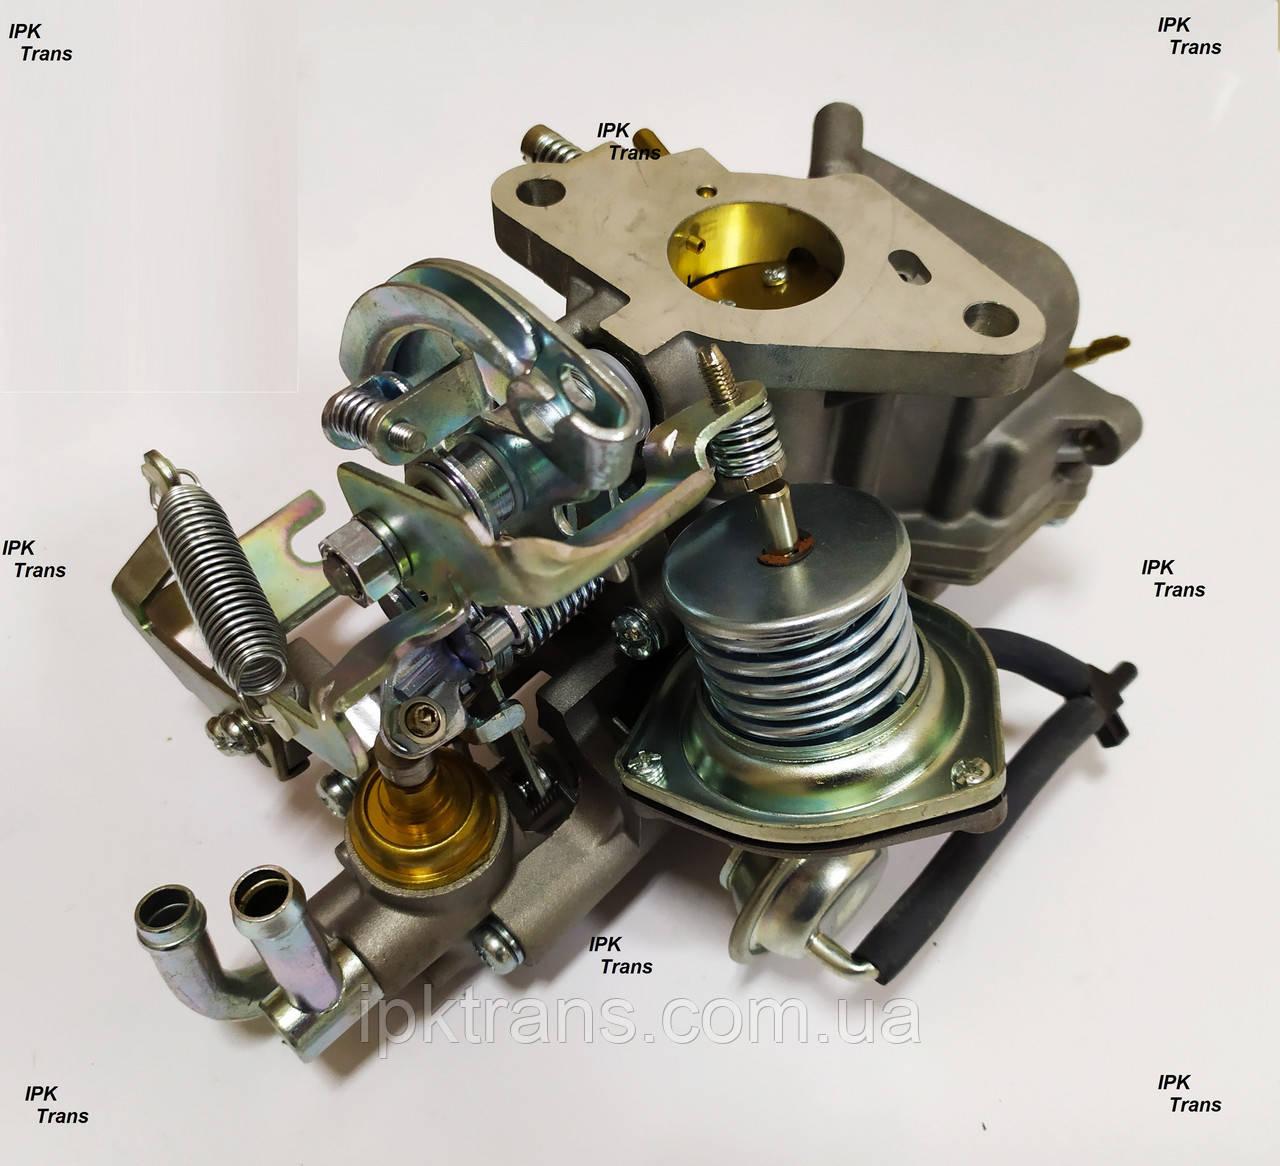 Карбюратор на двигатель NISSAN K15 (7800 грн с НДС) 16010-GW300, 16010GW300